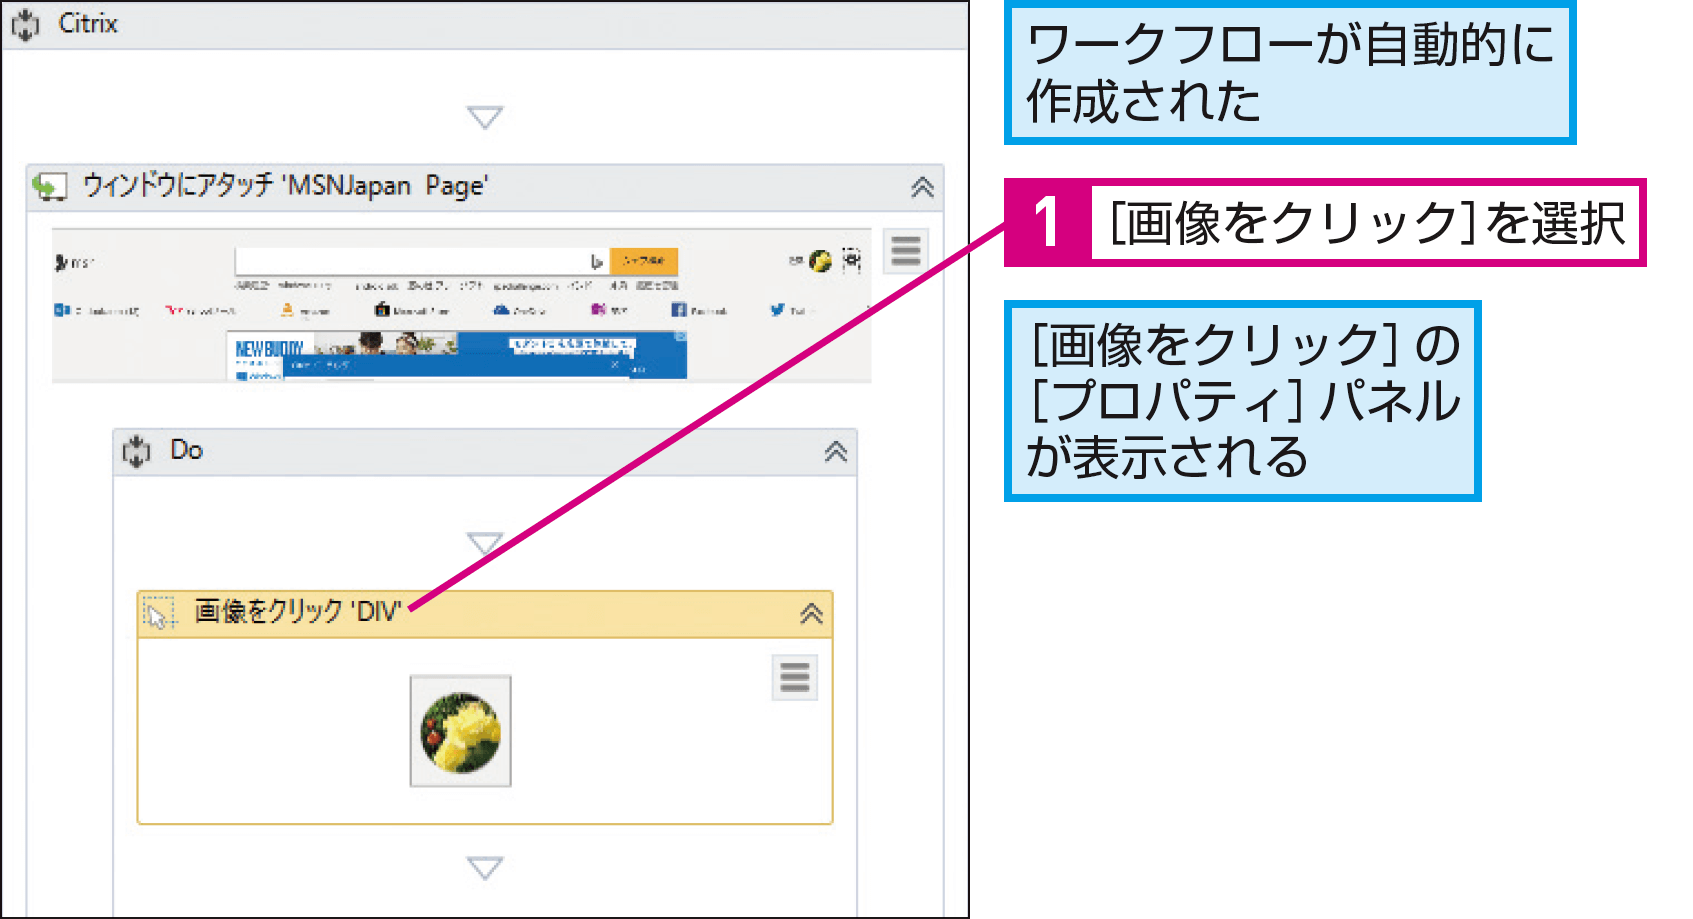 目印の画像の近くをクリックするには(Citrix) - できるUiPath